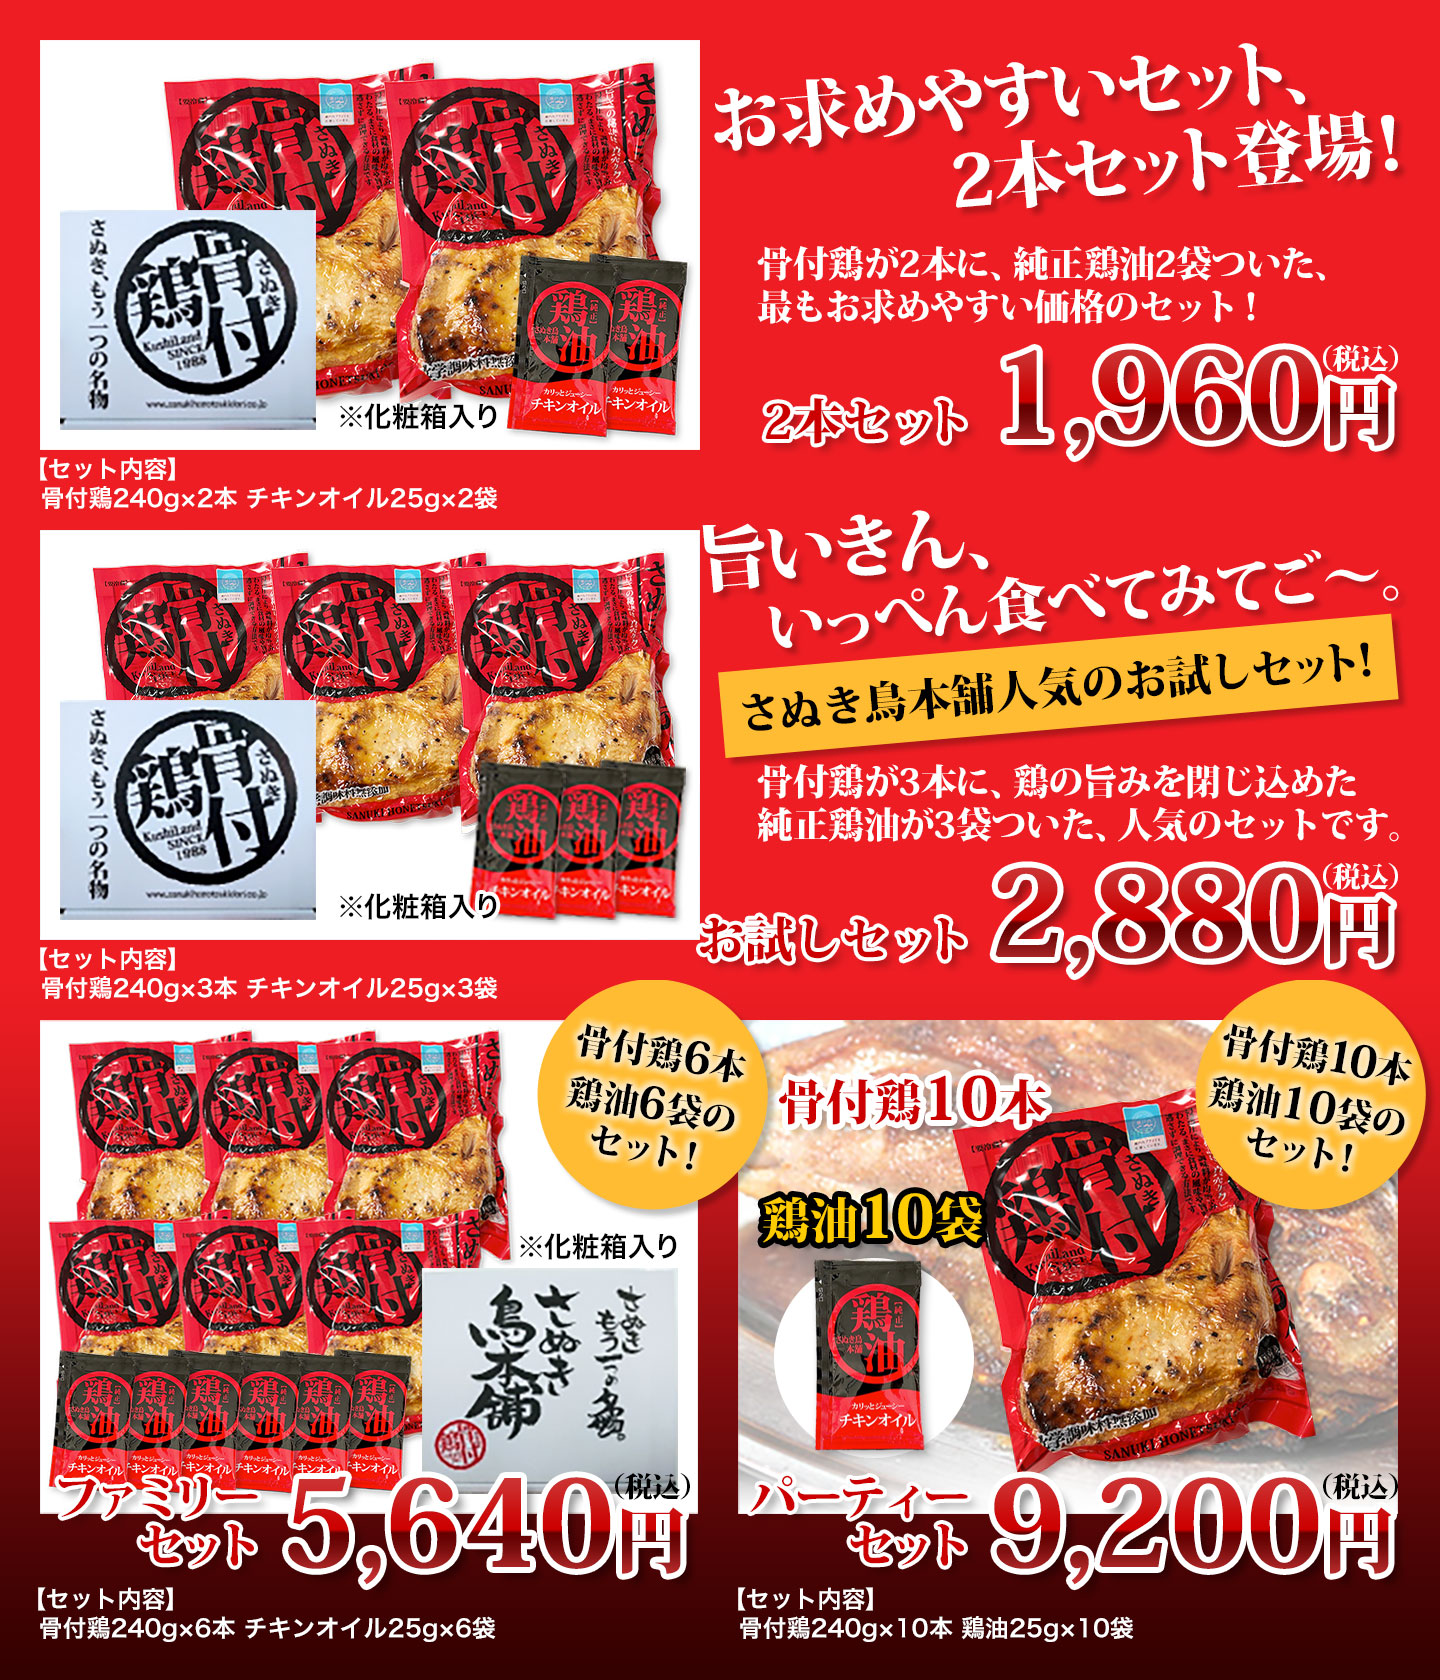 2本セット:2,650円